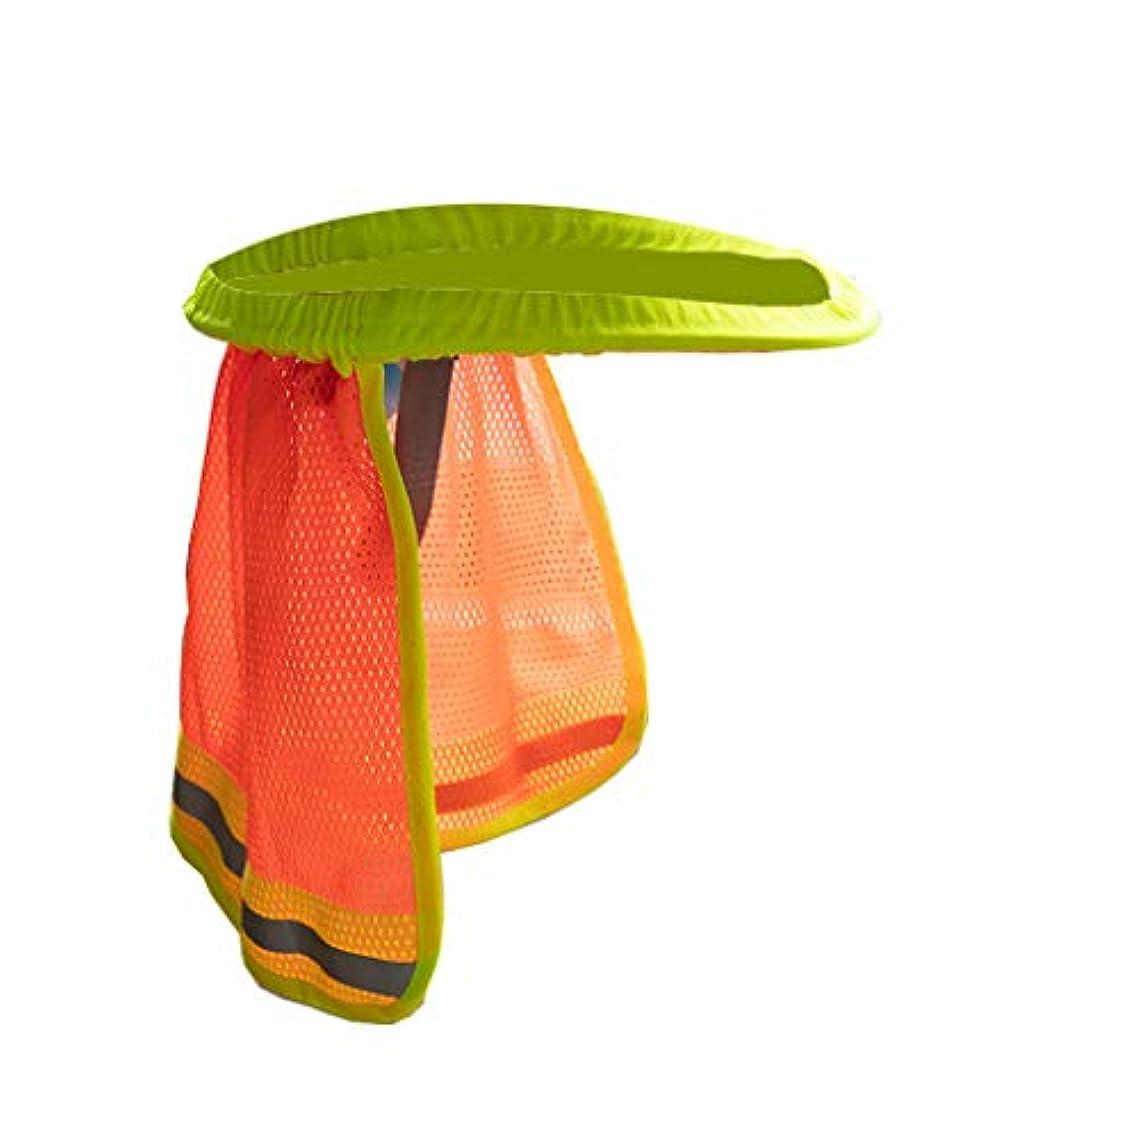 オークランド清める折安全ハードハット ネックシールド ヘルメット サンシェード サンシェード 反射性 ヘルメット